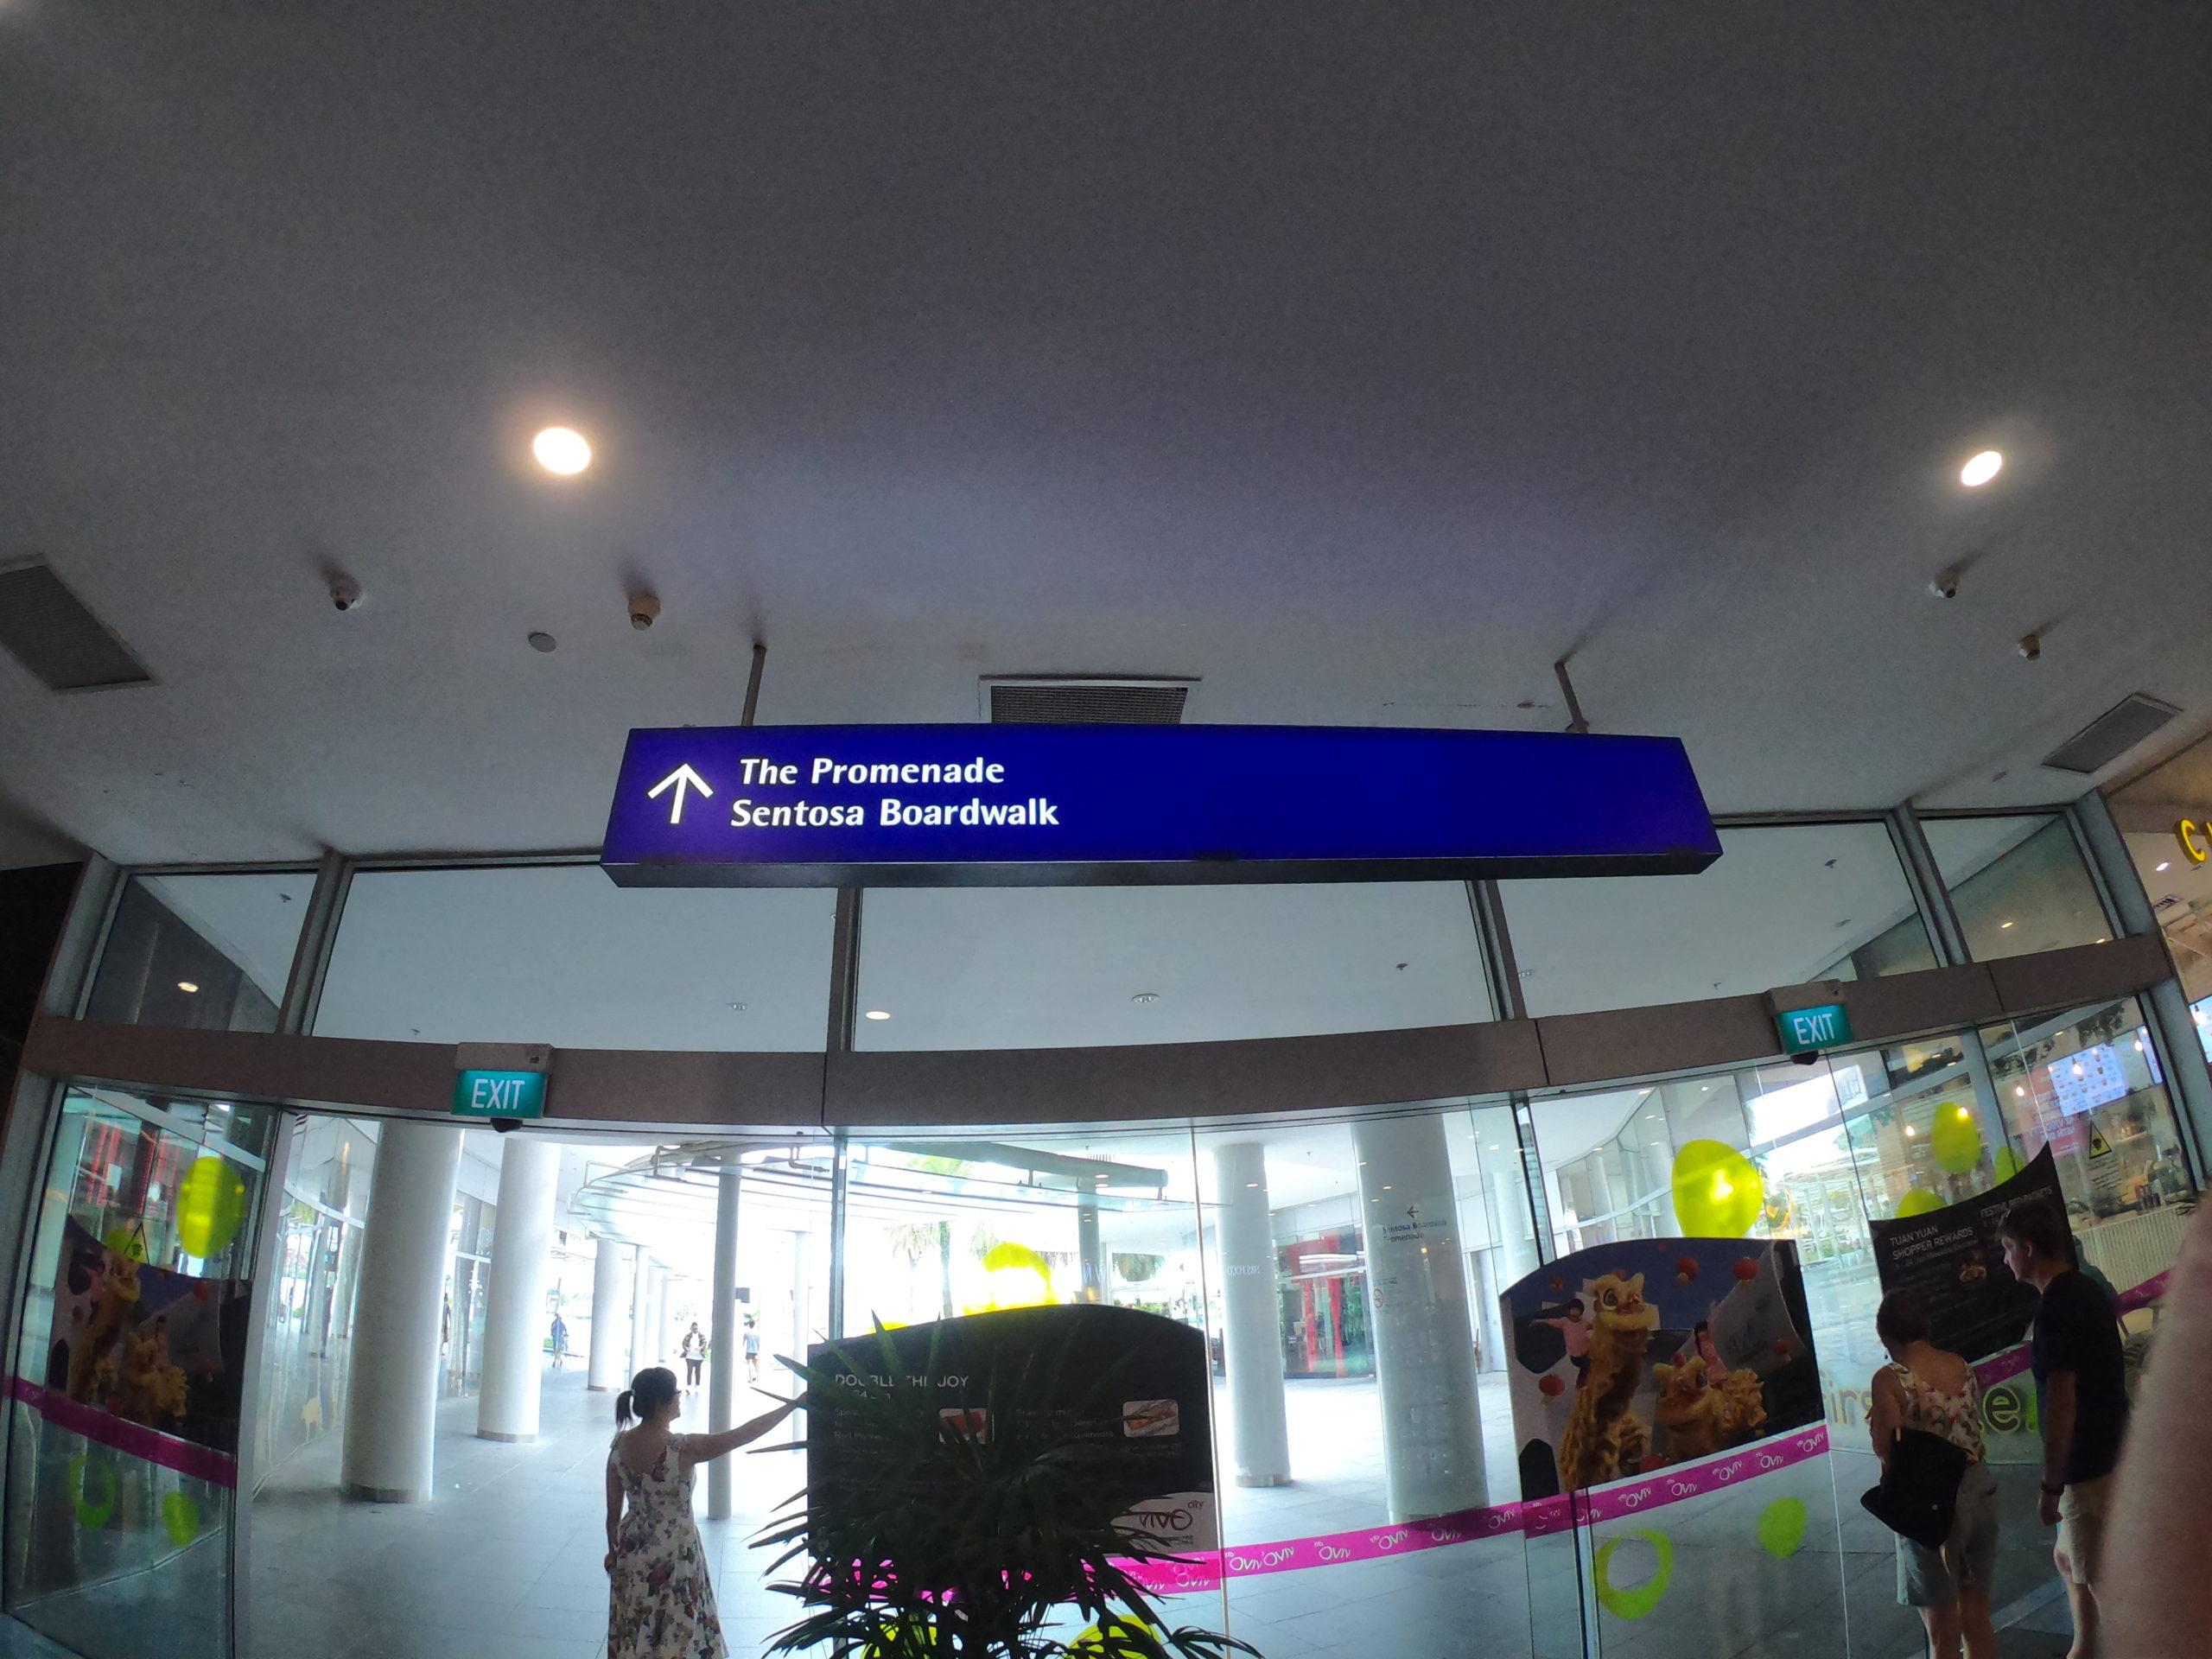 ユニバーサルスタジオシンガポール セントーサ島 行き方